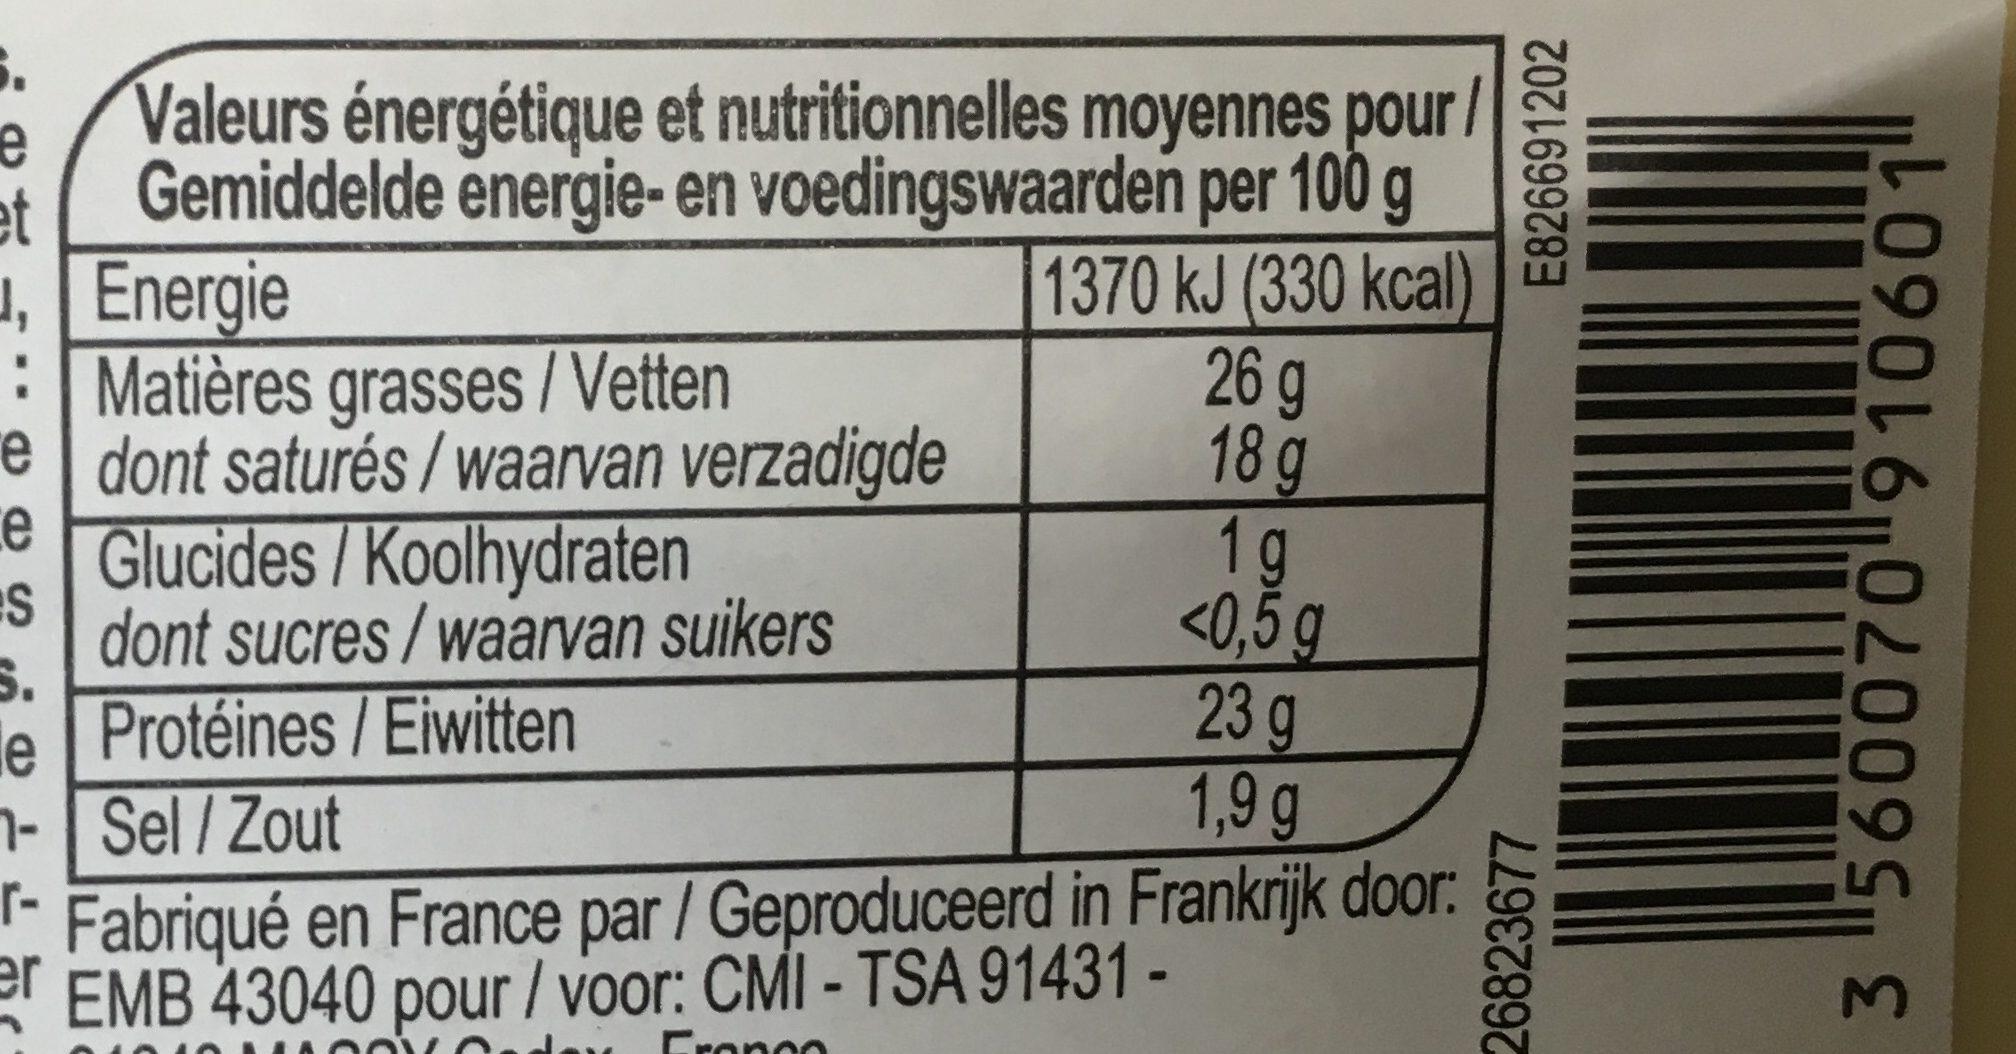 Raclette fumée - Informations nutritionnelles - fr